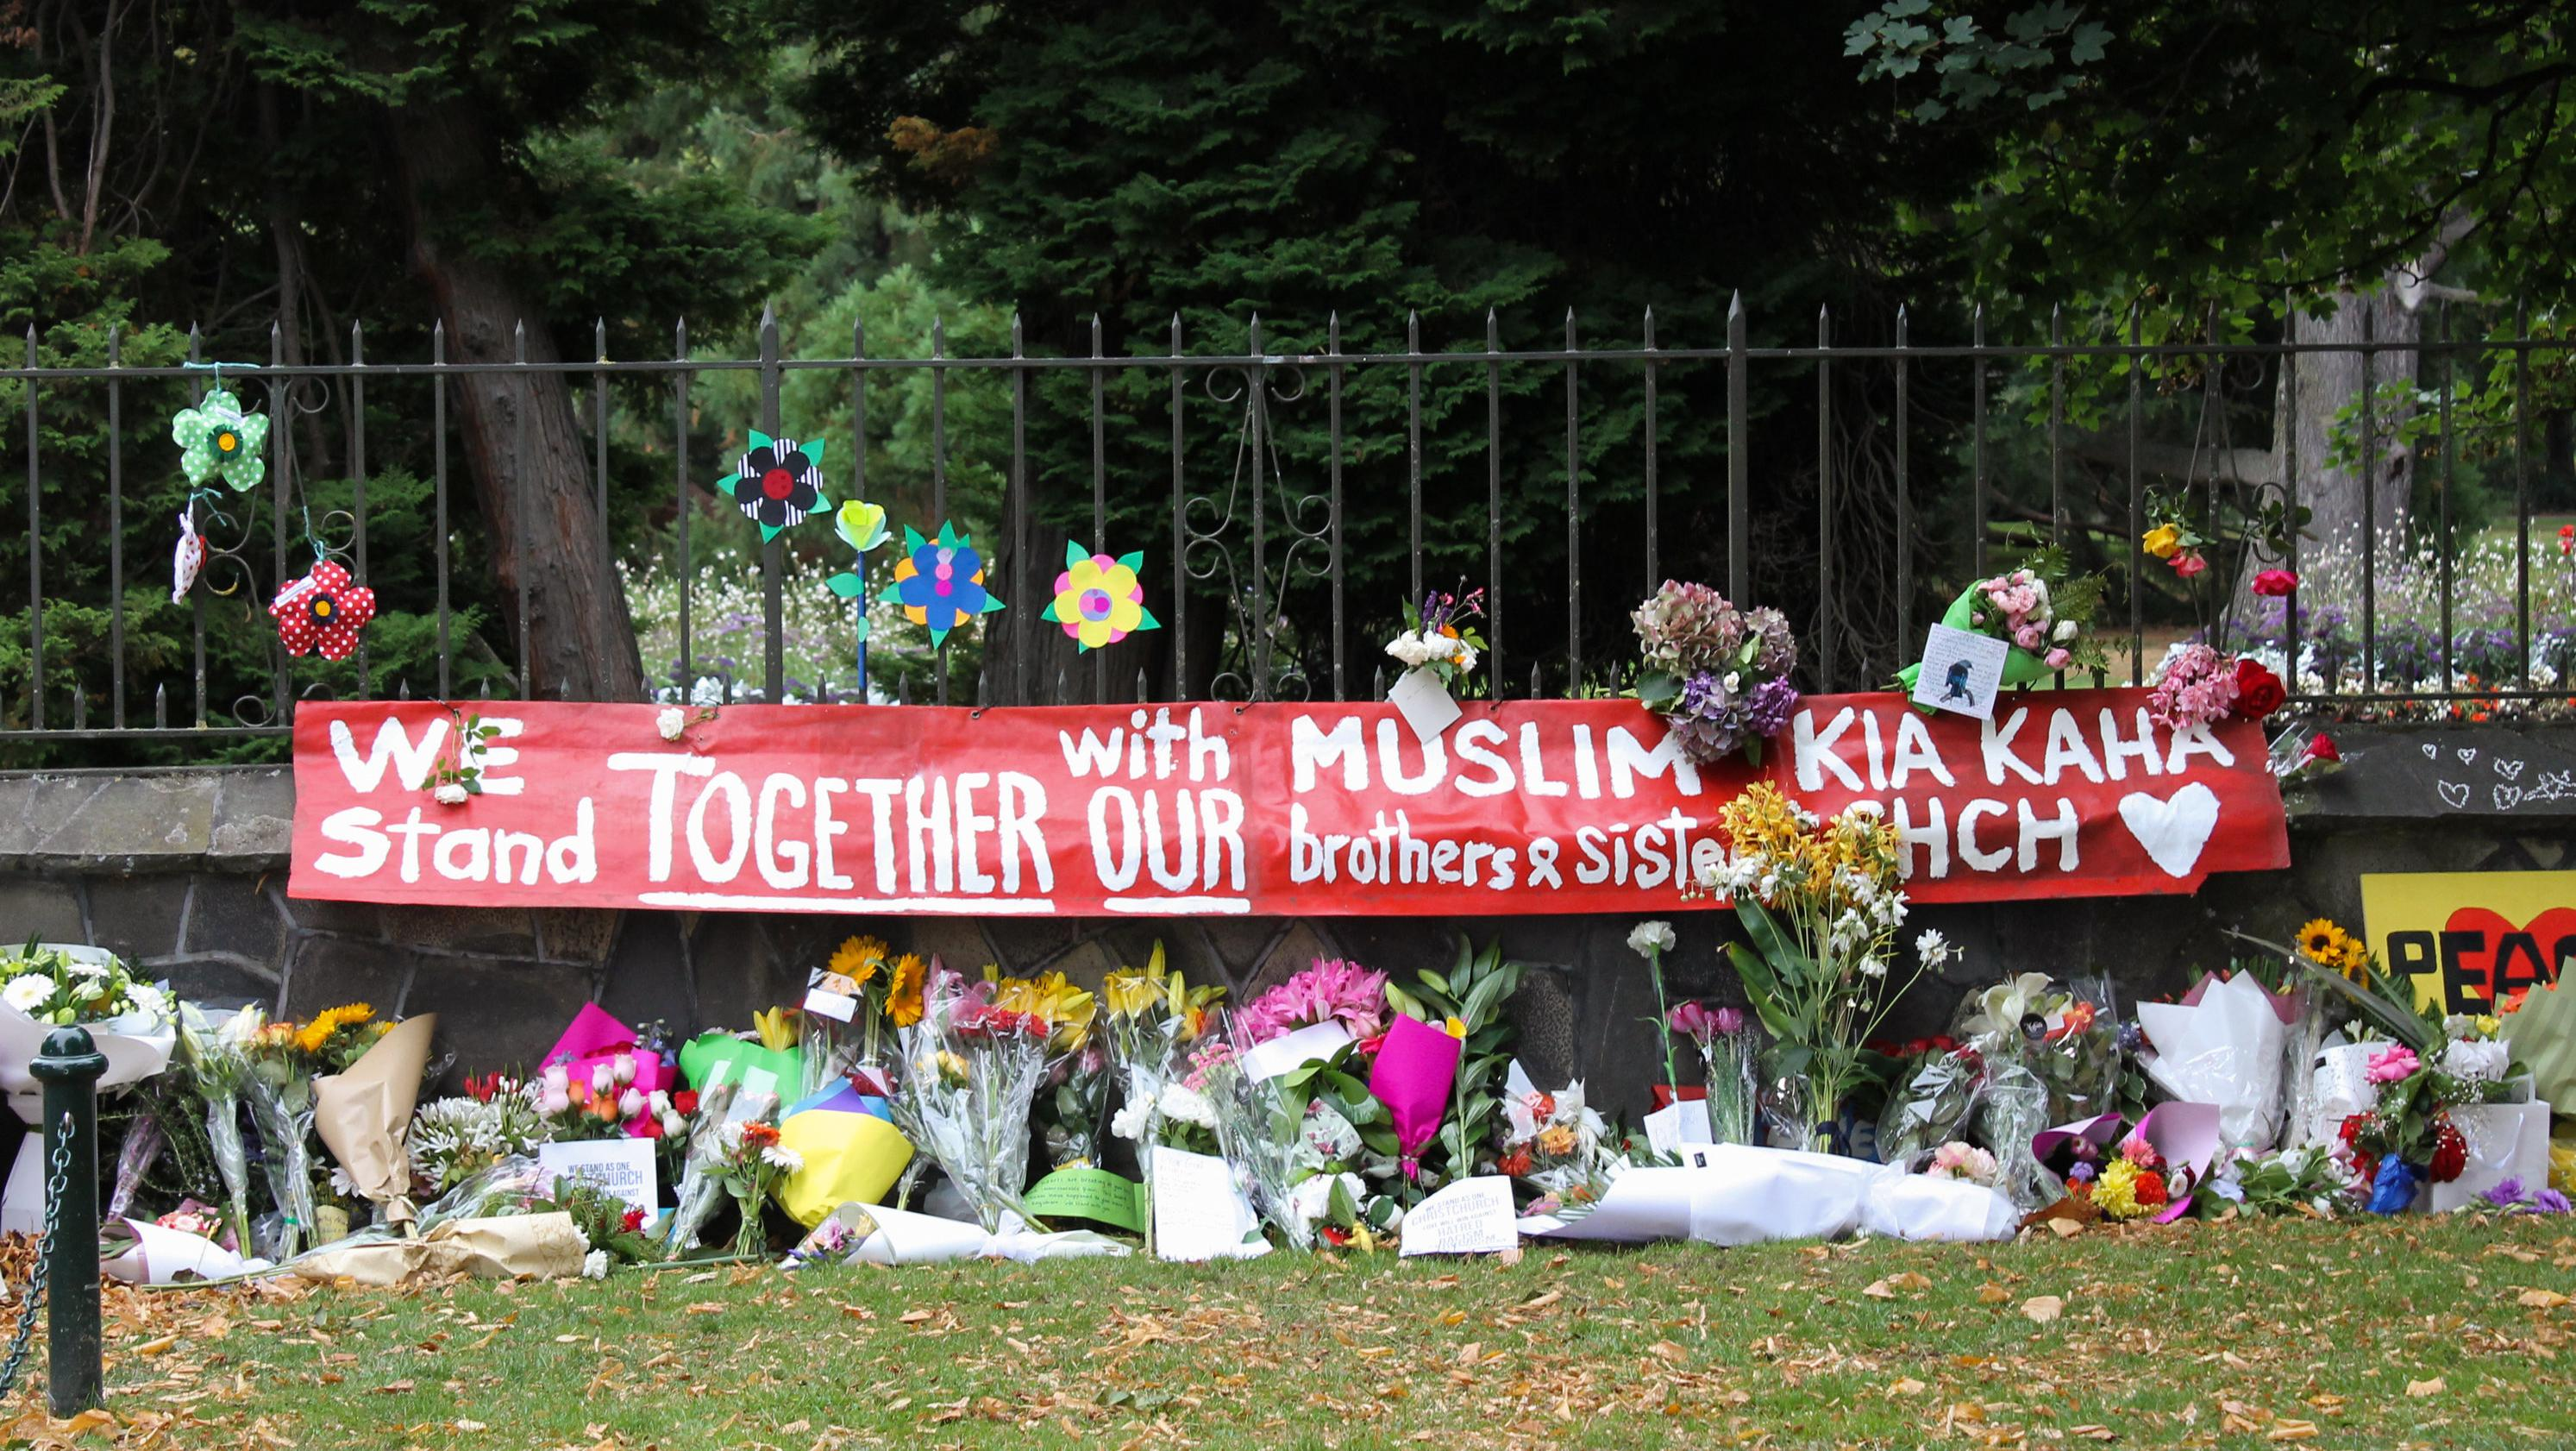 Nur etwa 50000 der 4,8 Millionen Neuseeländer sind Muslime, doch die Trauer ist allgemein. Die Botschaft hier: Wir stehen zusammen.